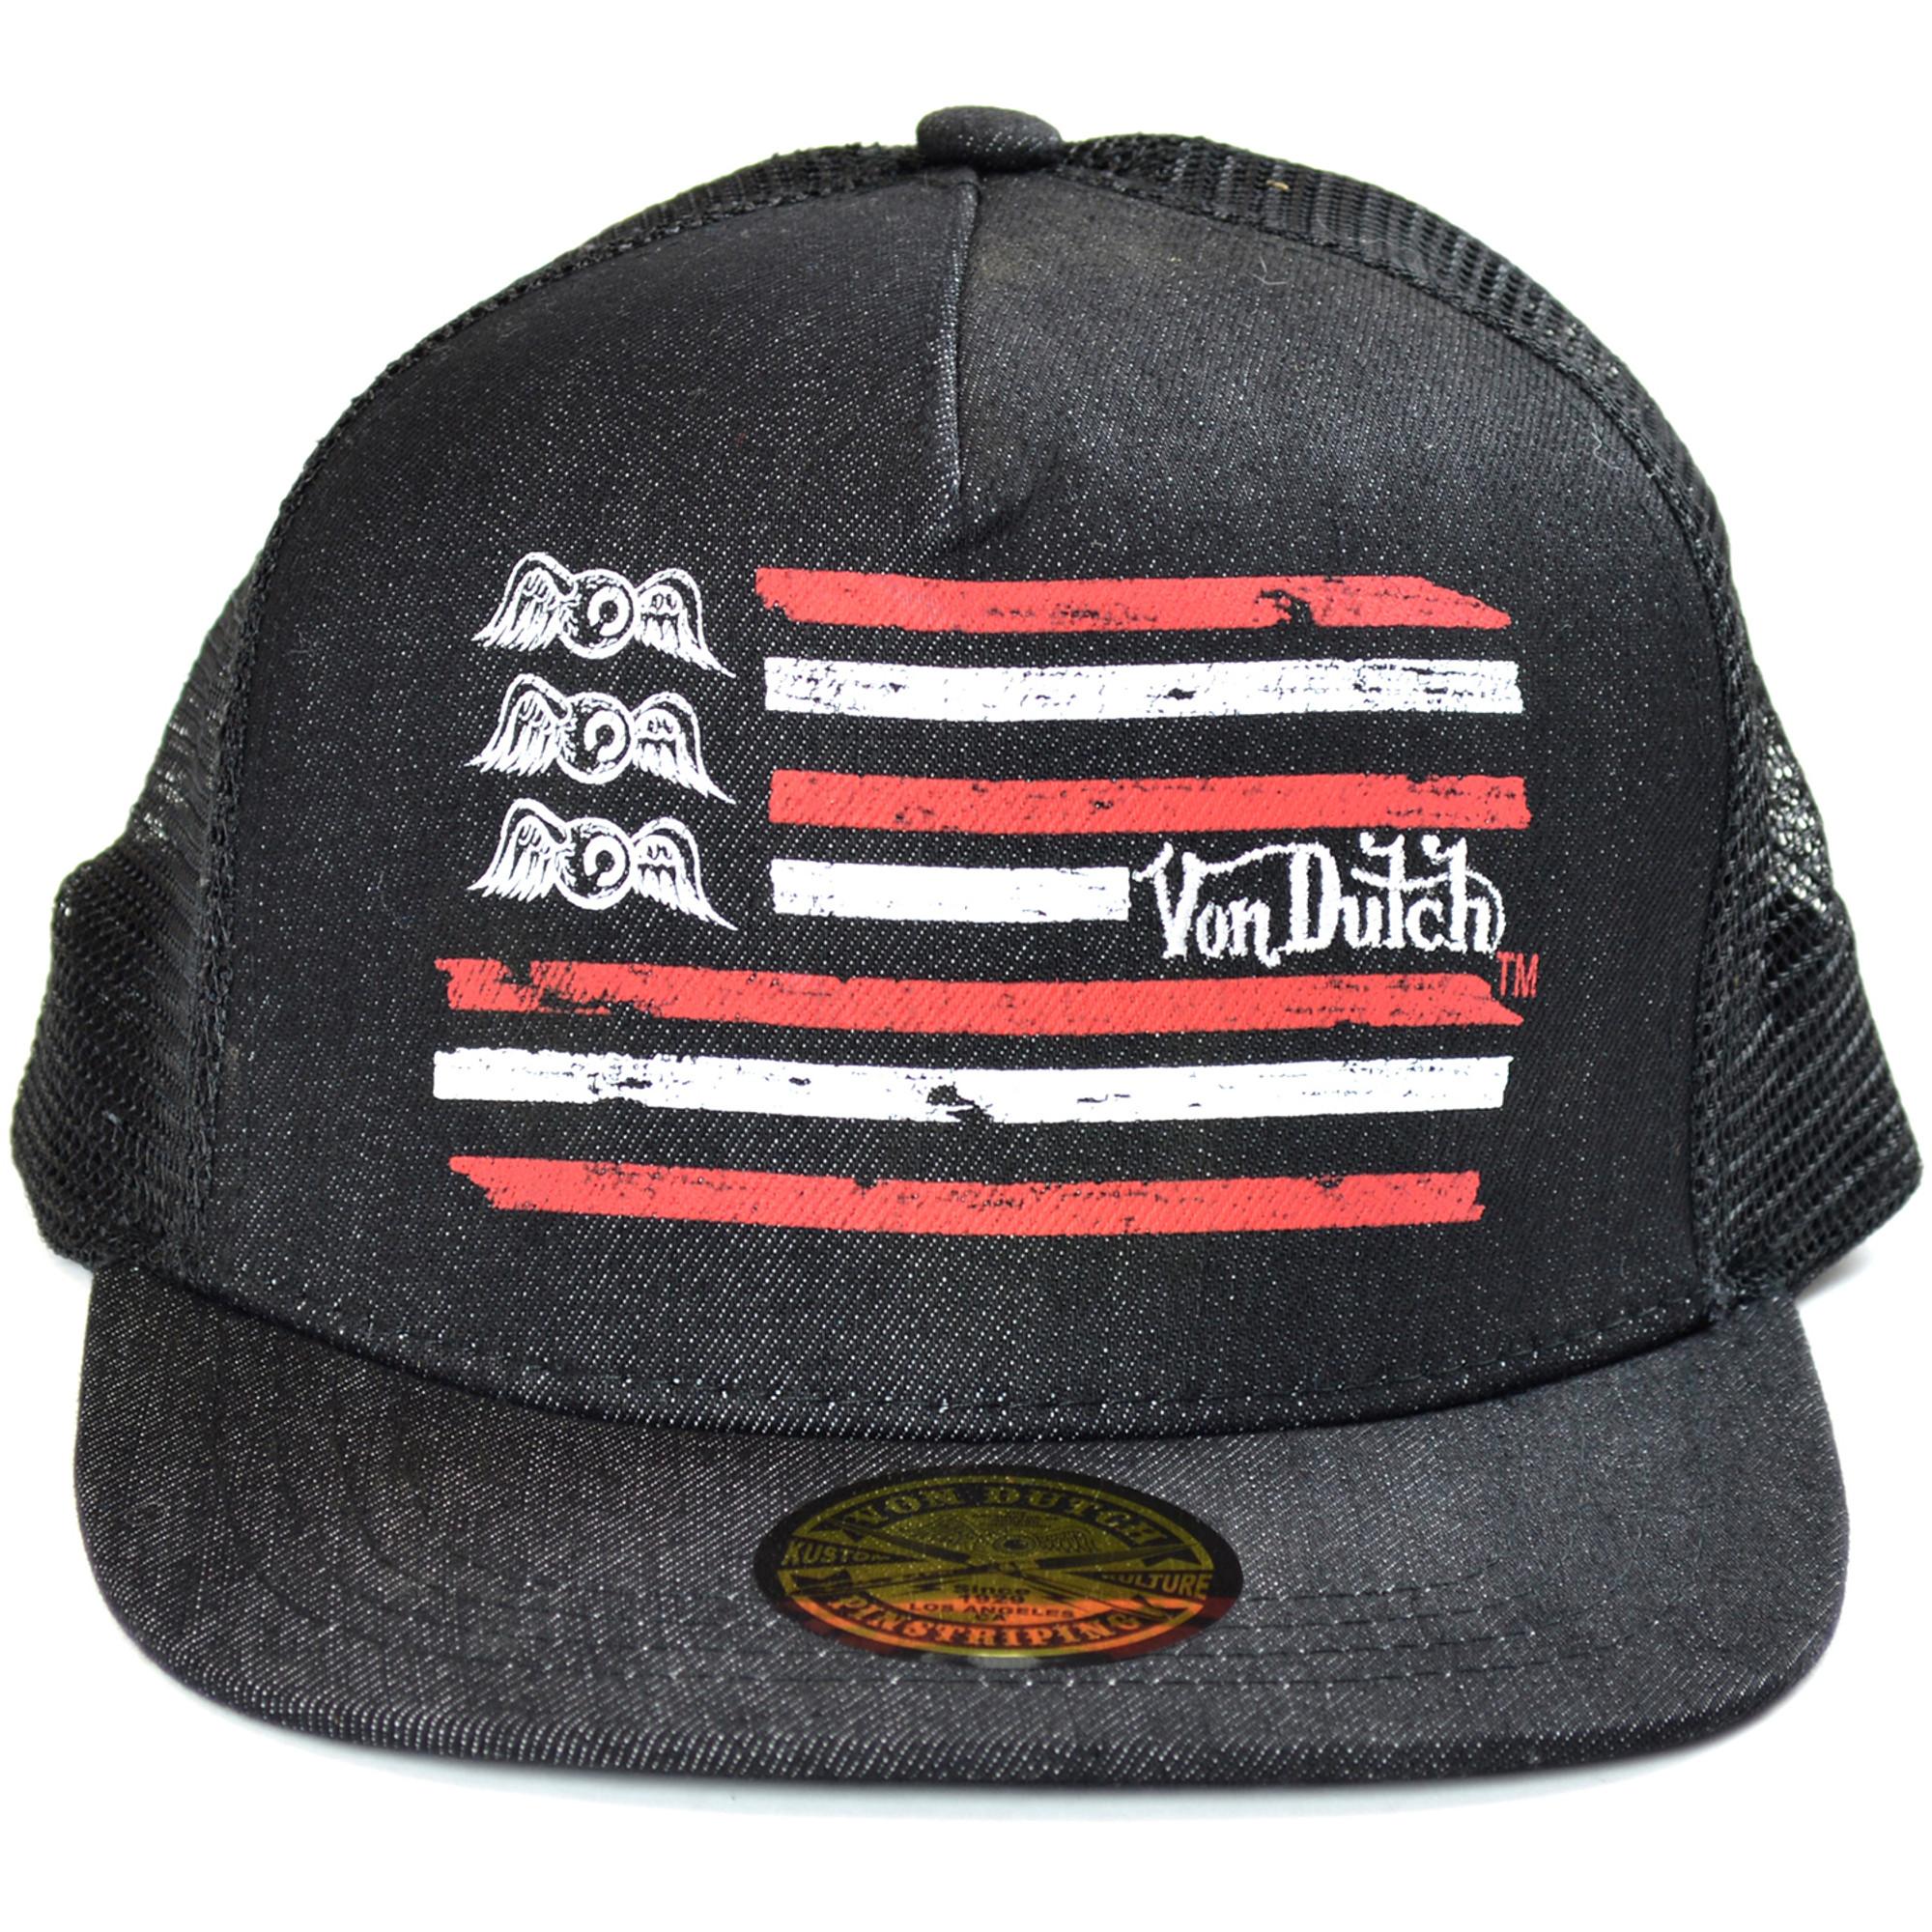 7413392115b Von Dutch Men s Women s Trucker Hat - One Size